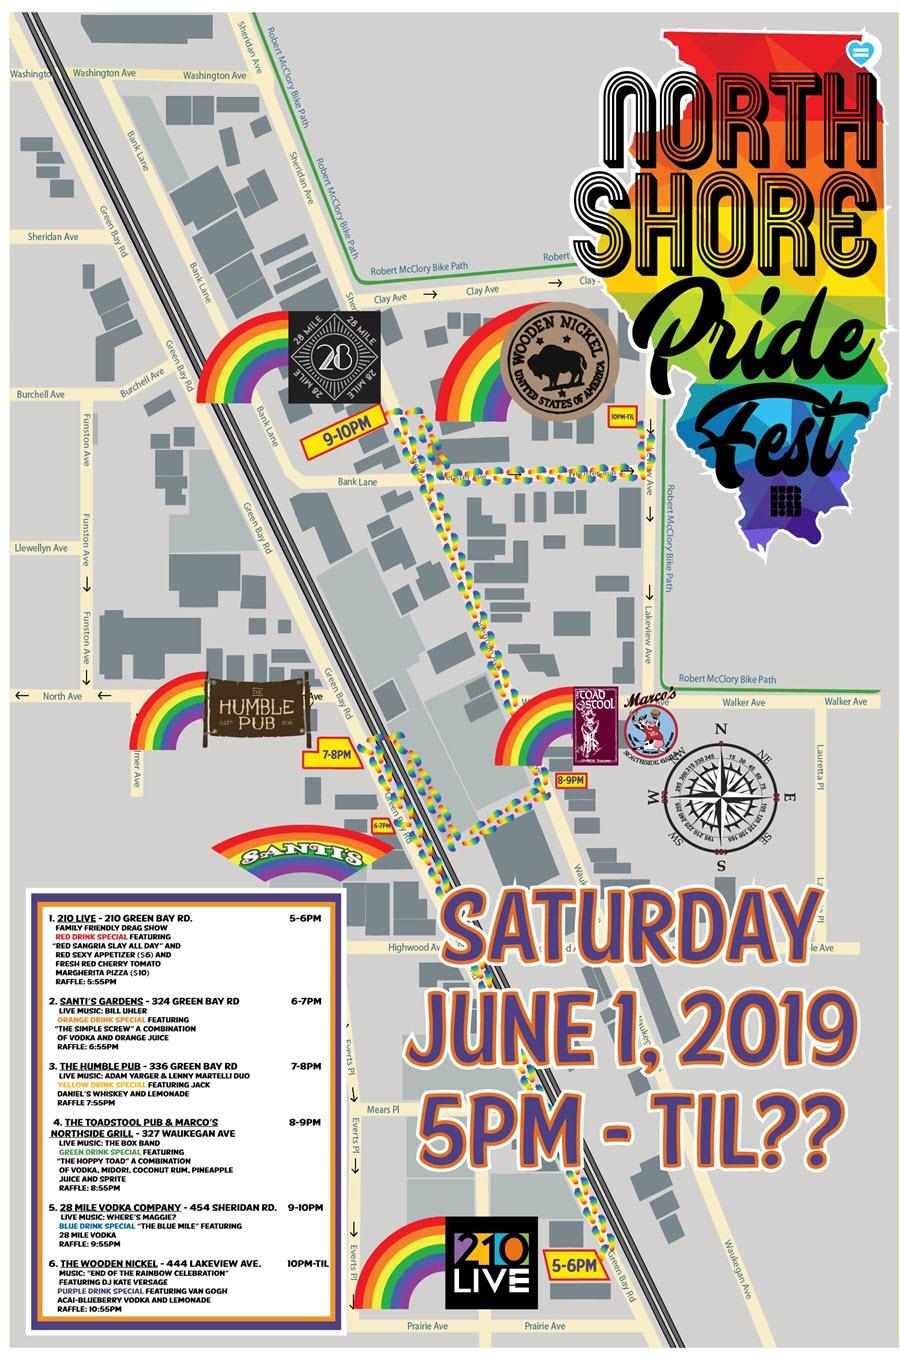 Pridefest 2019 map